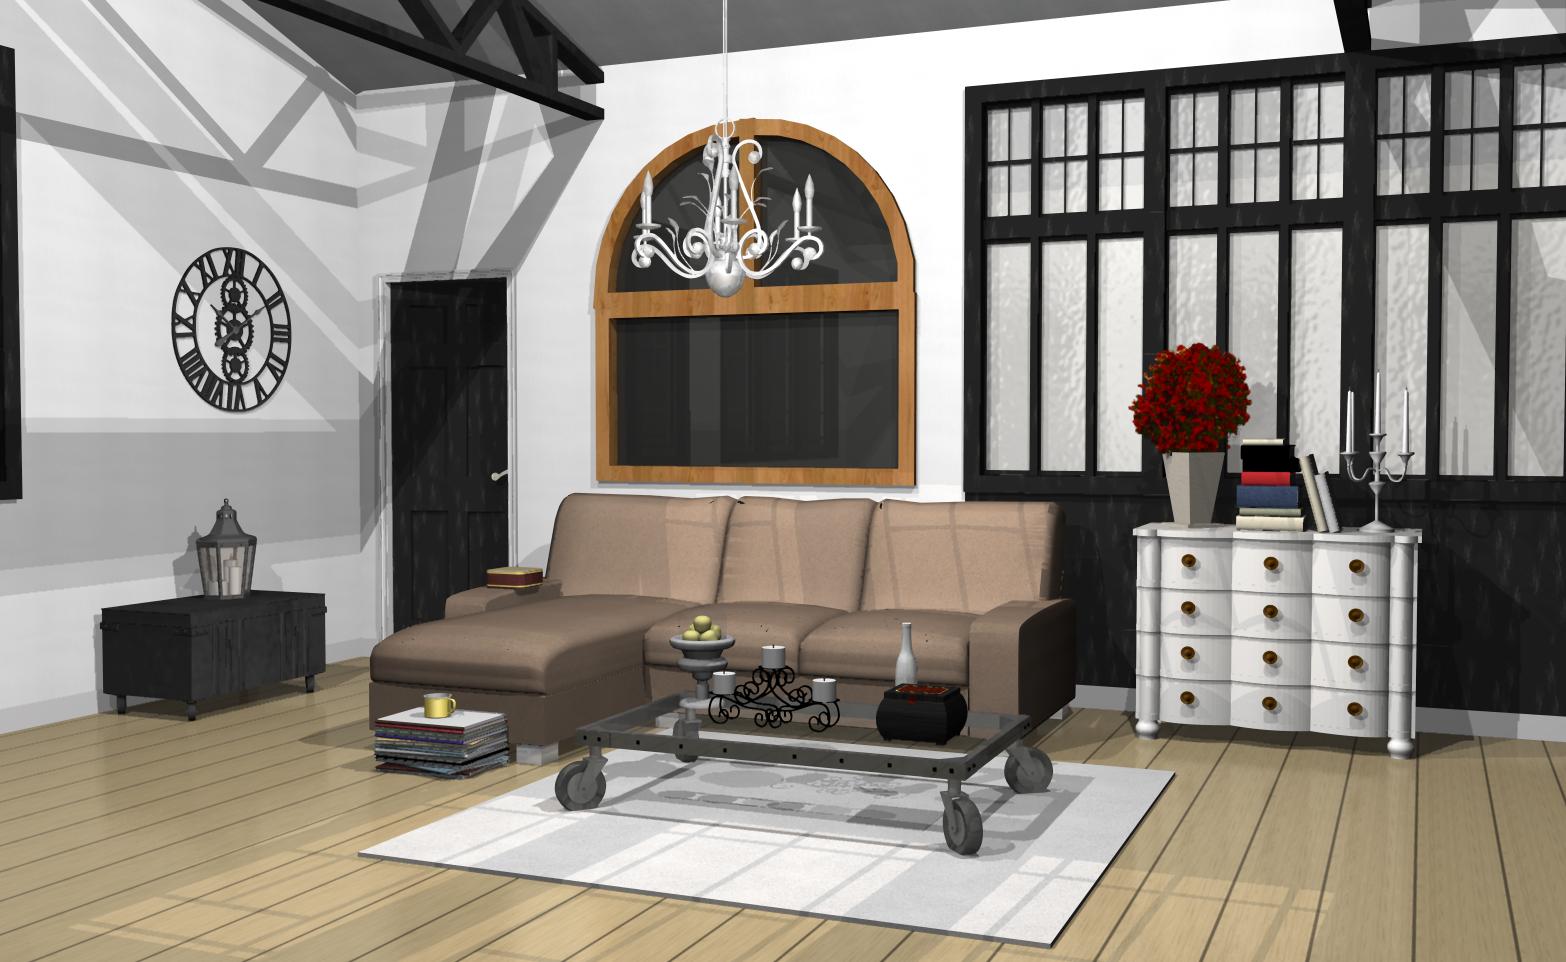 Architecte 3d ultimate 2015 le logiciel ultime d for Plan architecte 3d